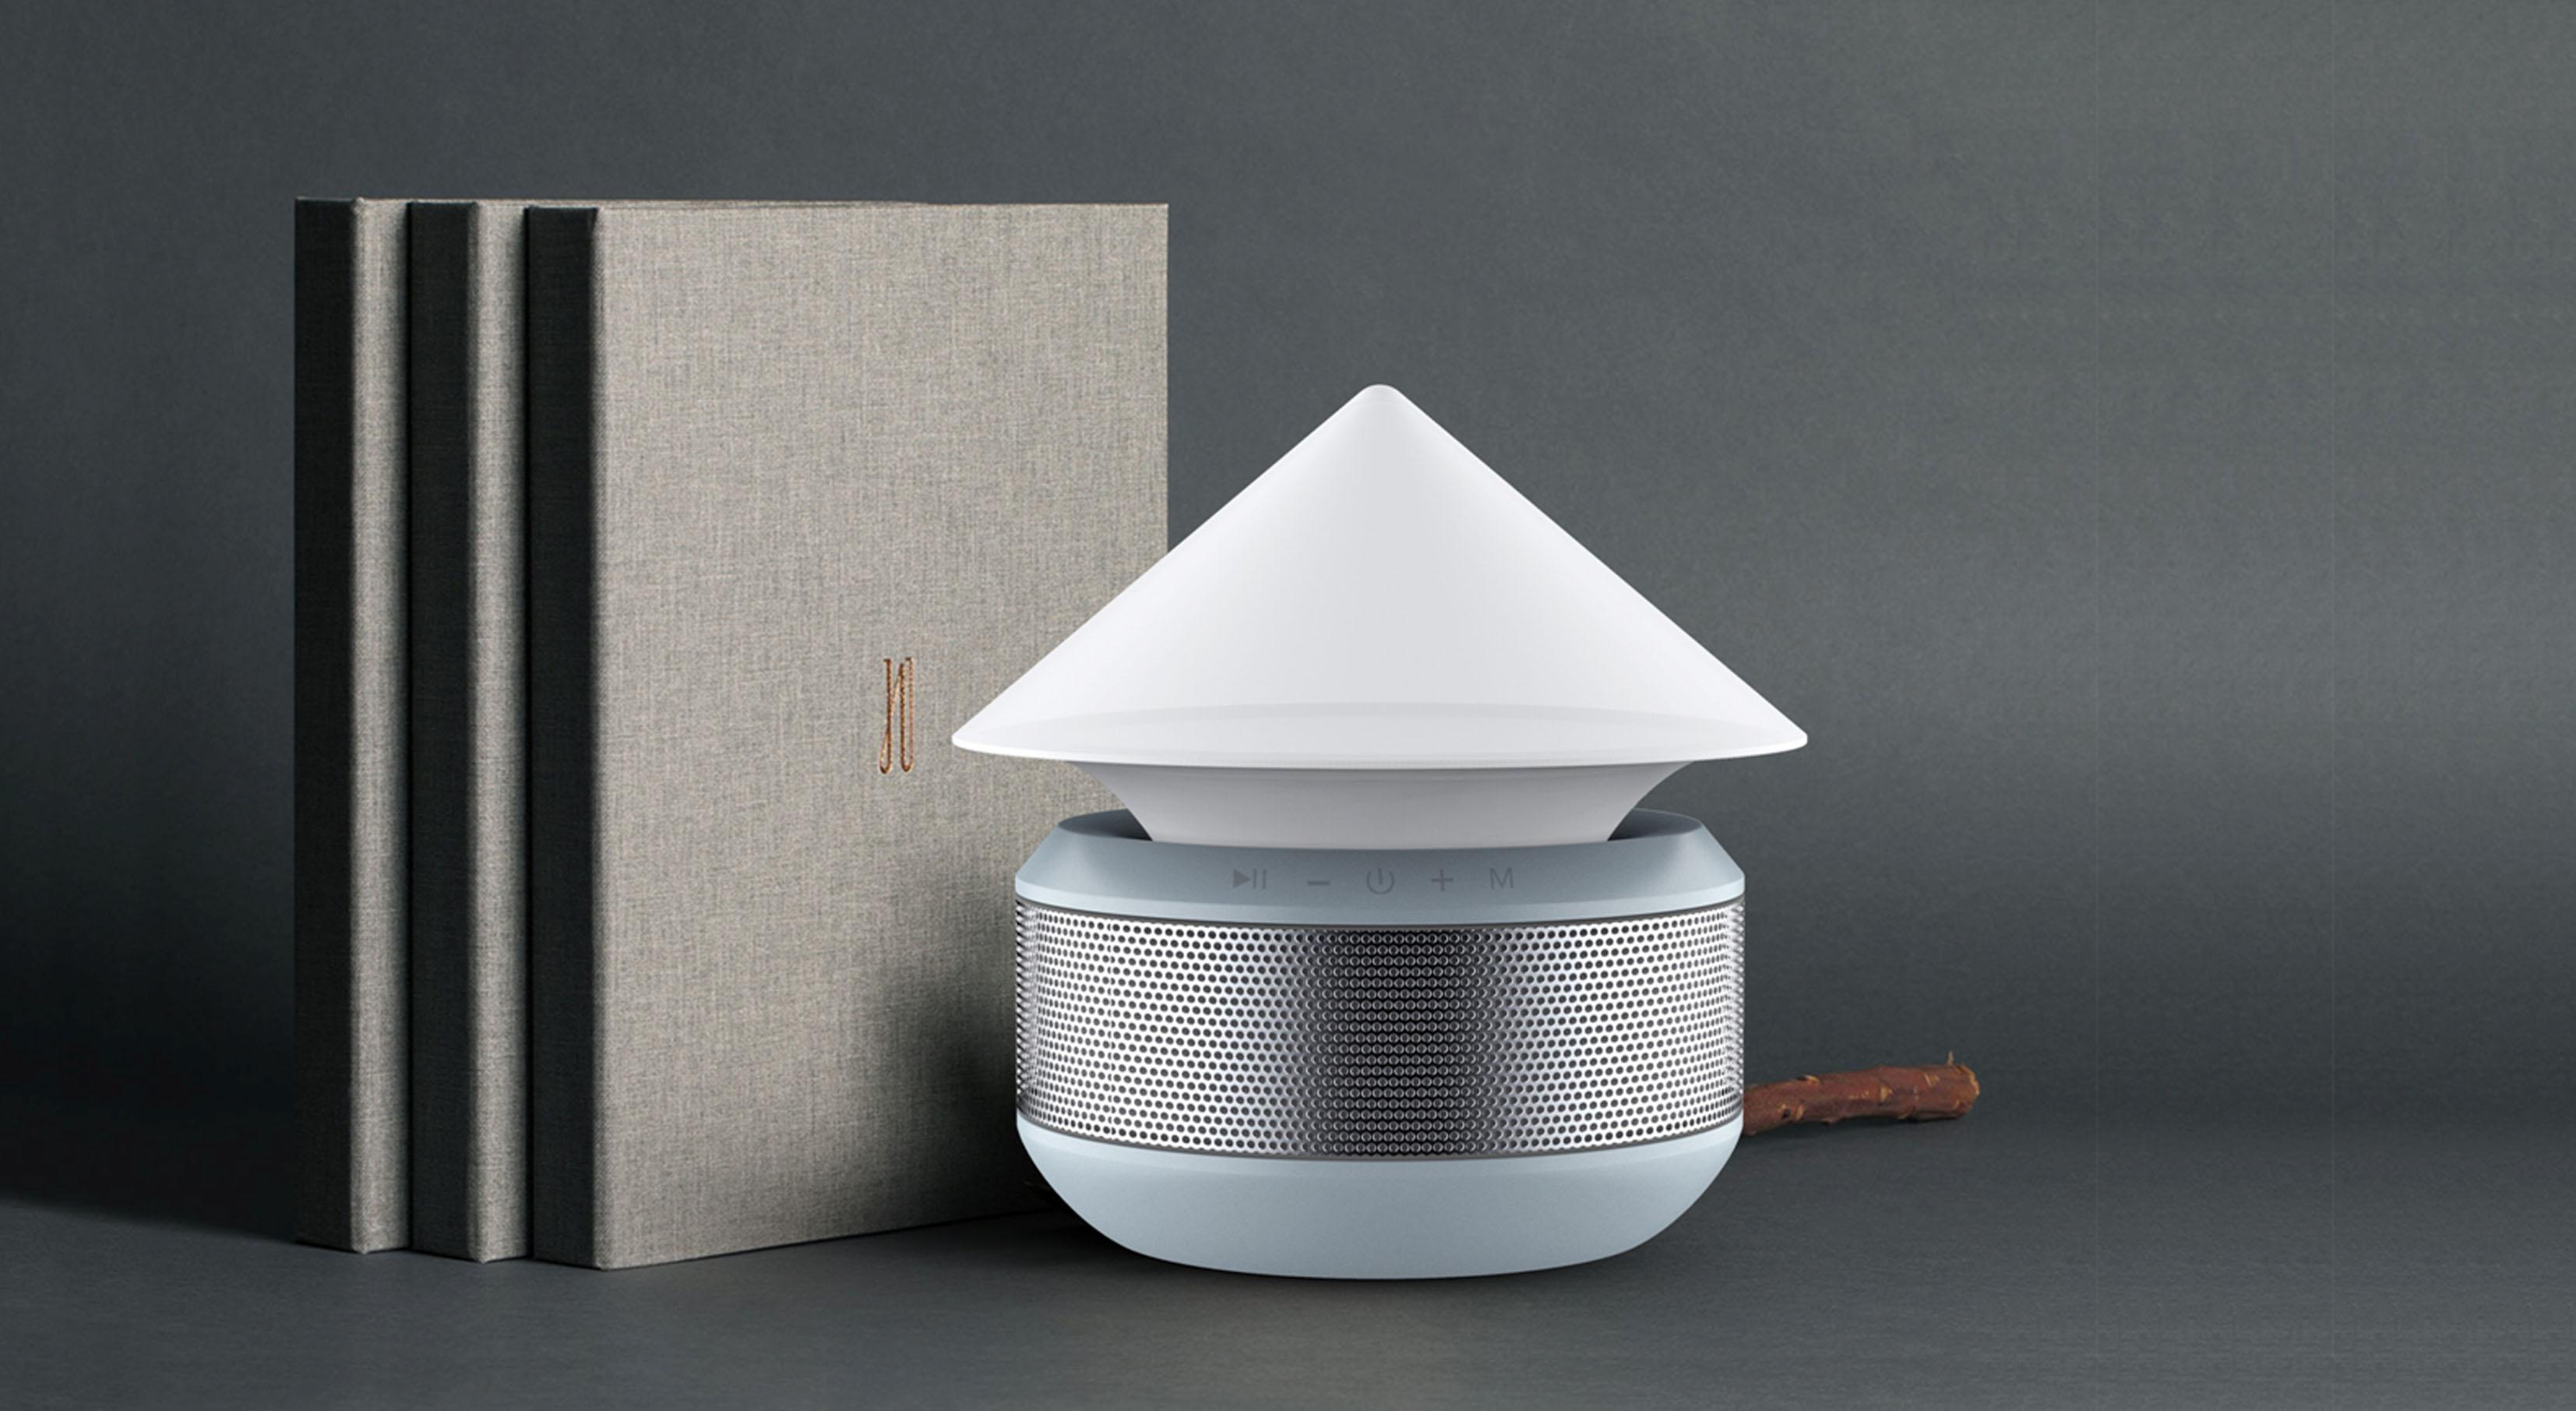 室内及户外蓝牙音箱台灯1_产品设计-来设计